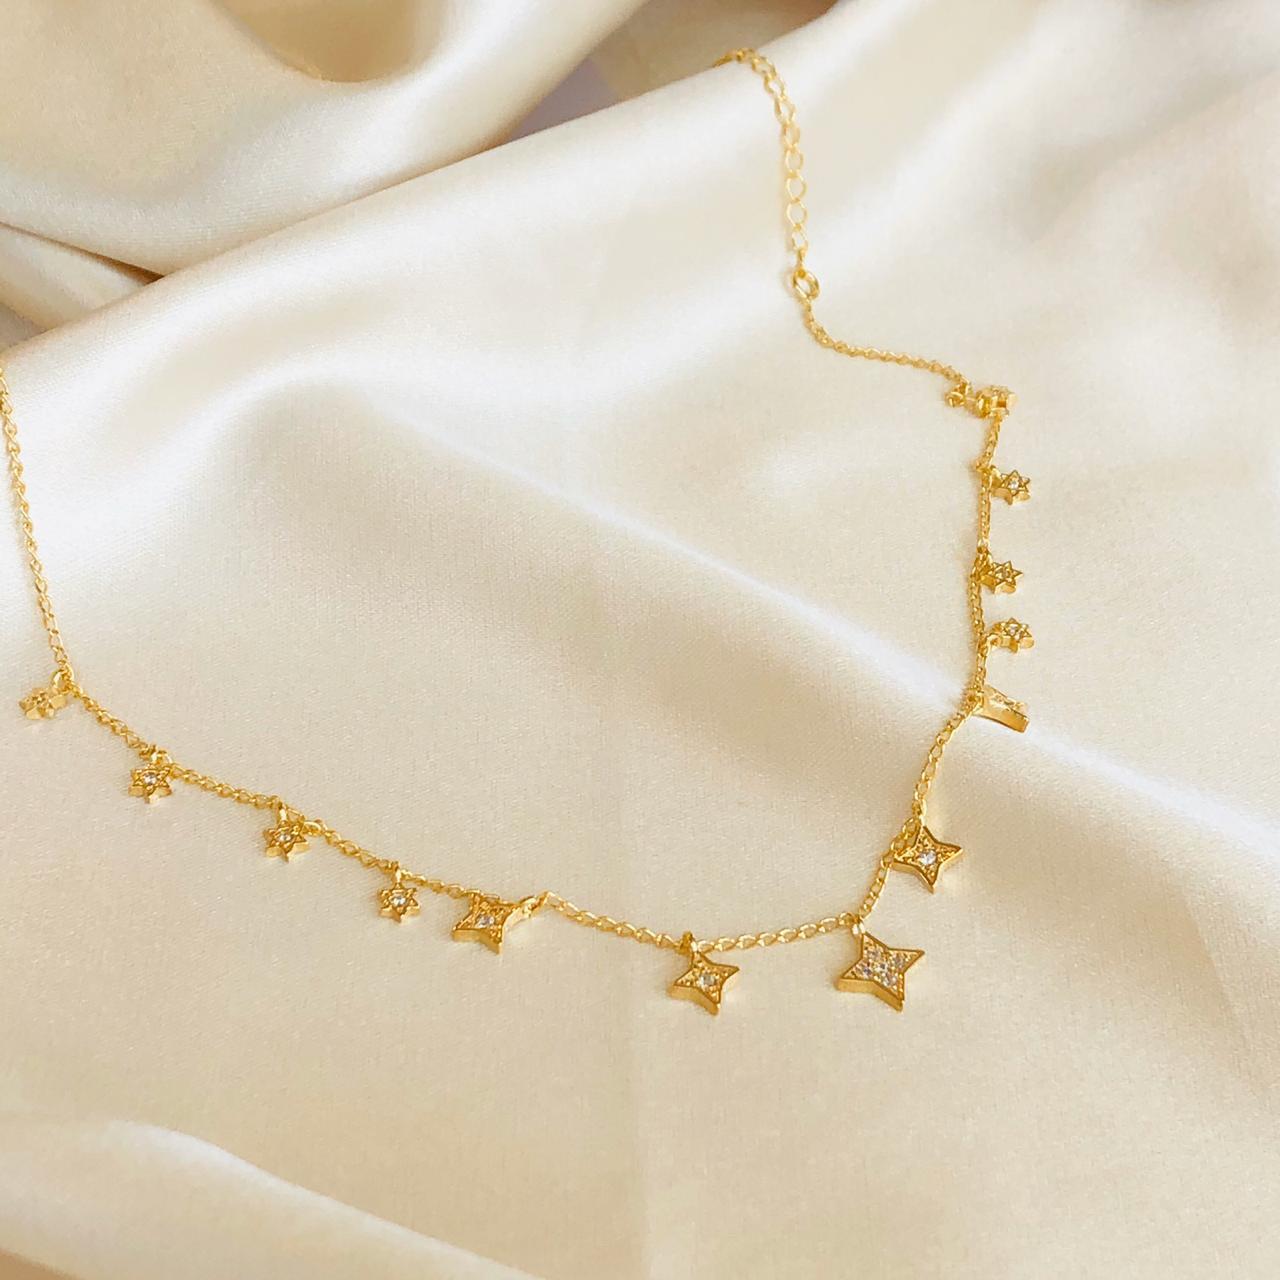 Colar Abundância Estrelas Cravejadas Banhado em Ouro 18k